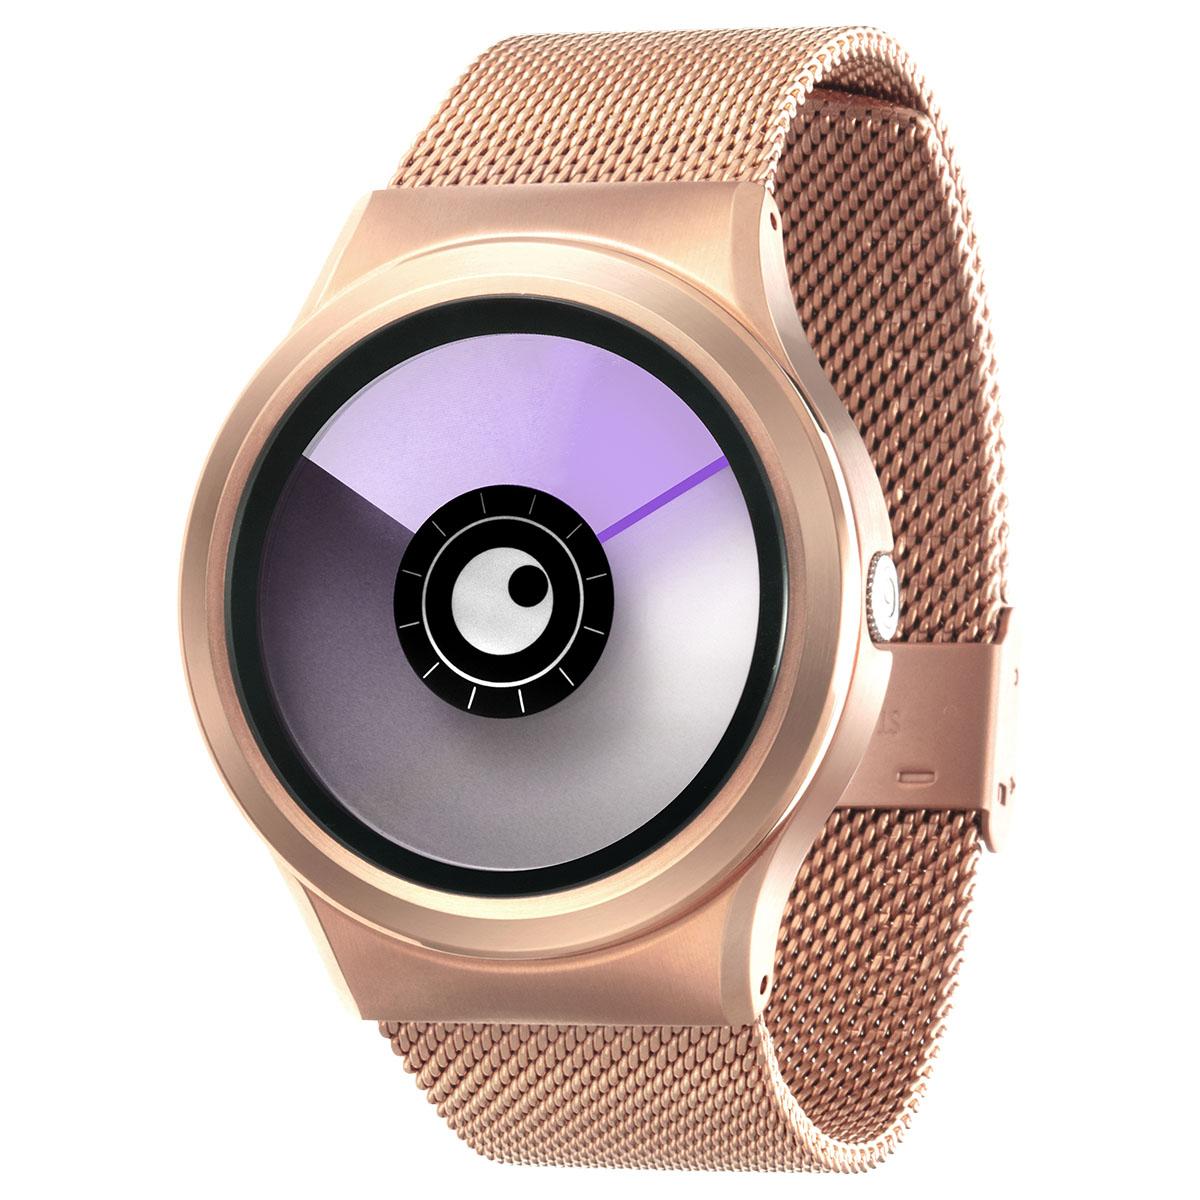 ファッションウォッチ 開店祝い デザインウォッチ 5ATM メーカー保障12ヶ月 ベルト調整用工具 国際ブランド LOGO入りクロス 取扱説明書 ZIIIROとは関係ありません ZEROOTIME ゼロタイム ZEROO AURORA BOREALIS ゼロ ユニセックス メンズ W12023B05SM05 デザイナーズ ペア用 腕時計 おしゃれ時計 パープル 電池式クォーツ レディース